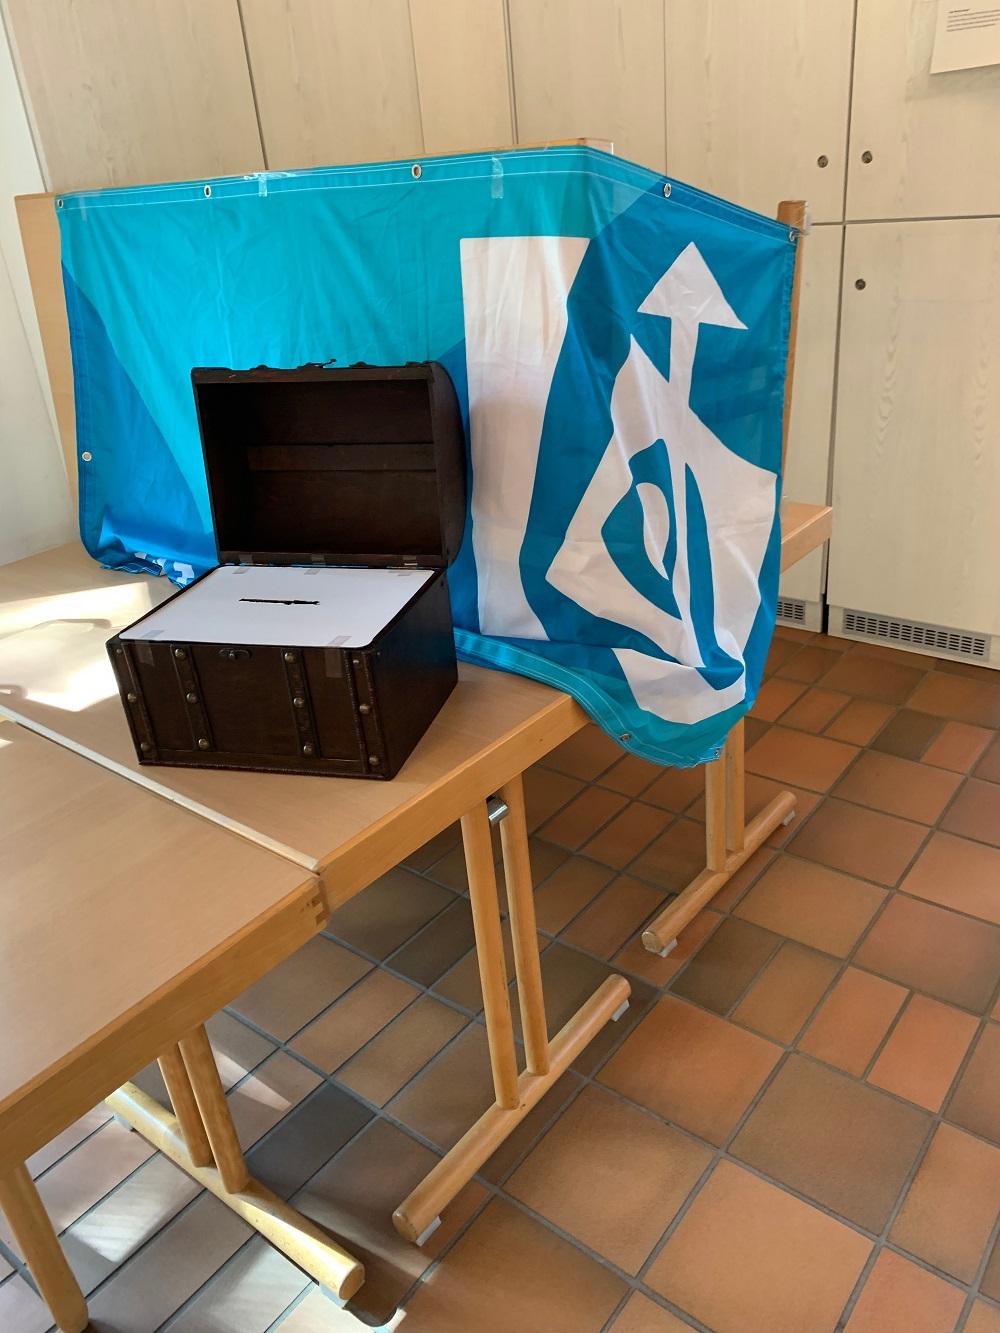 Wahlurne im Wahllokal Pfarrheim St. Pankratius, organisiert von der KjG Heilig-Geist Bockum Hövel-